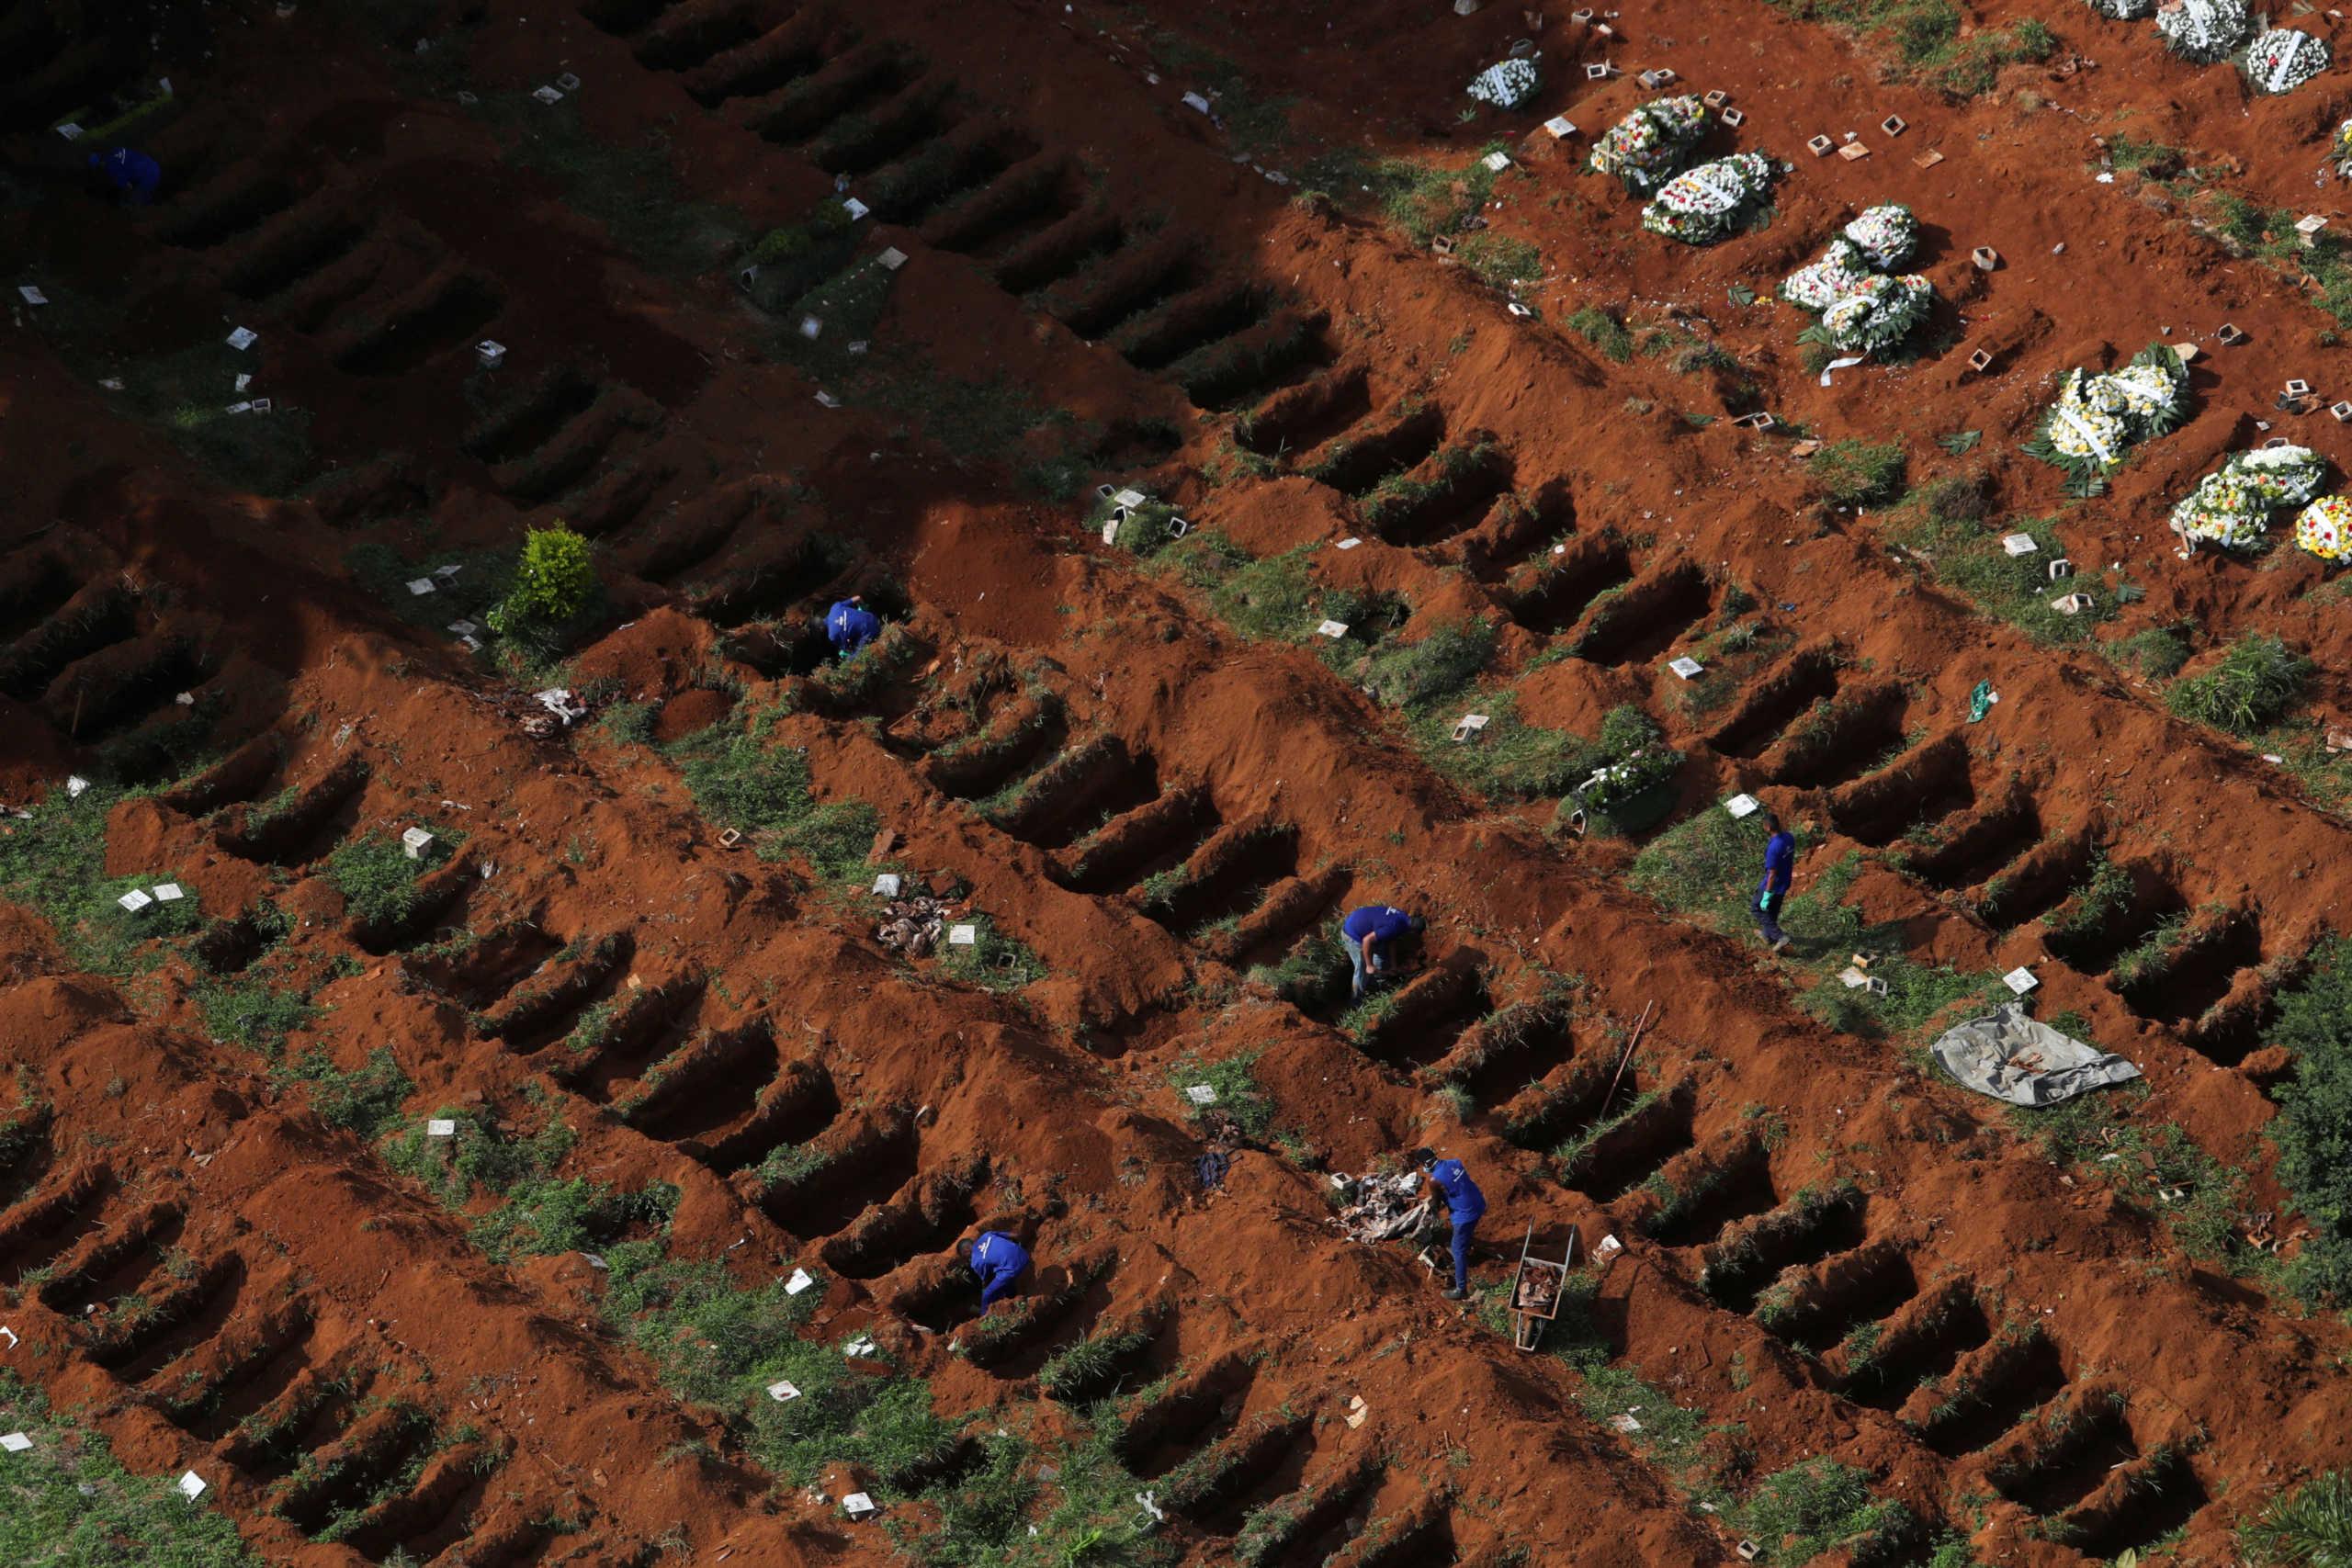 Βραζιλία: Ξεπέρασαν τα 11 εκατ. τα κρούσματα κορονοϊού – Πάνω από 265 χιλιάδες οι θάνατοι